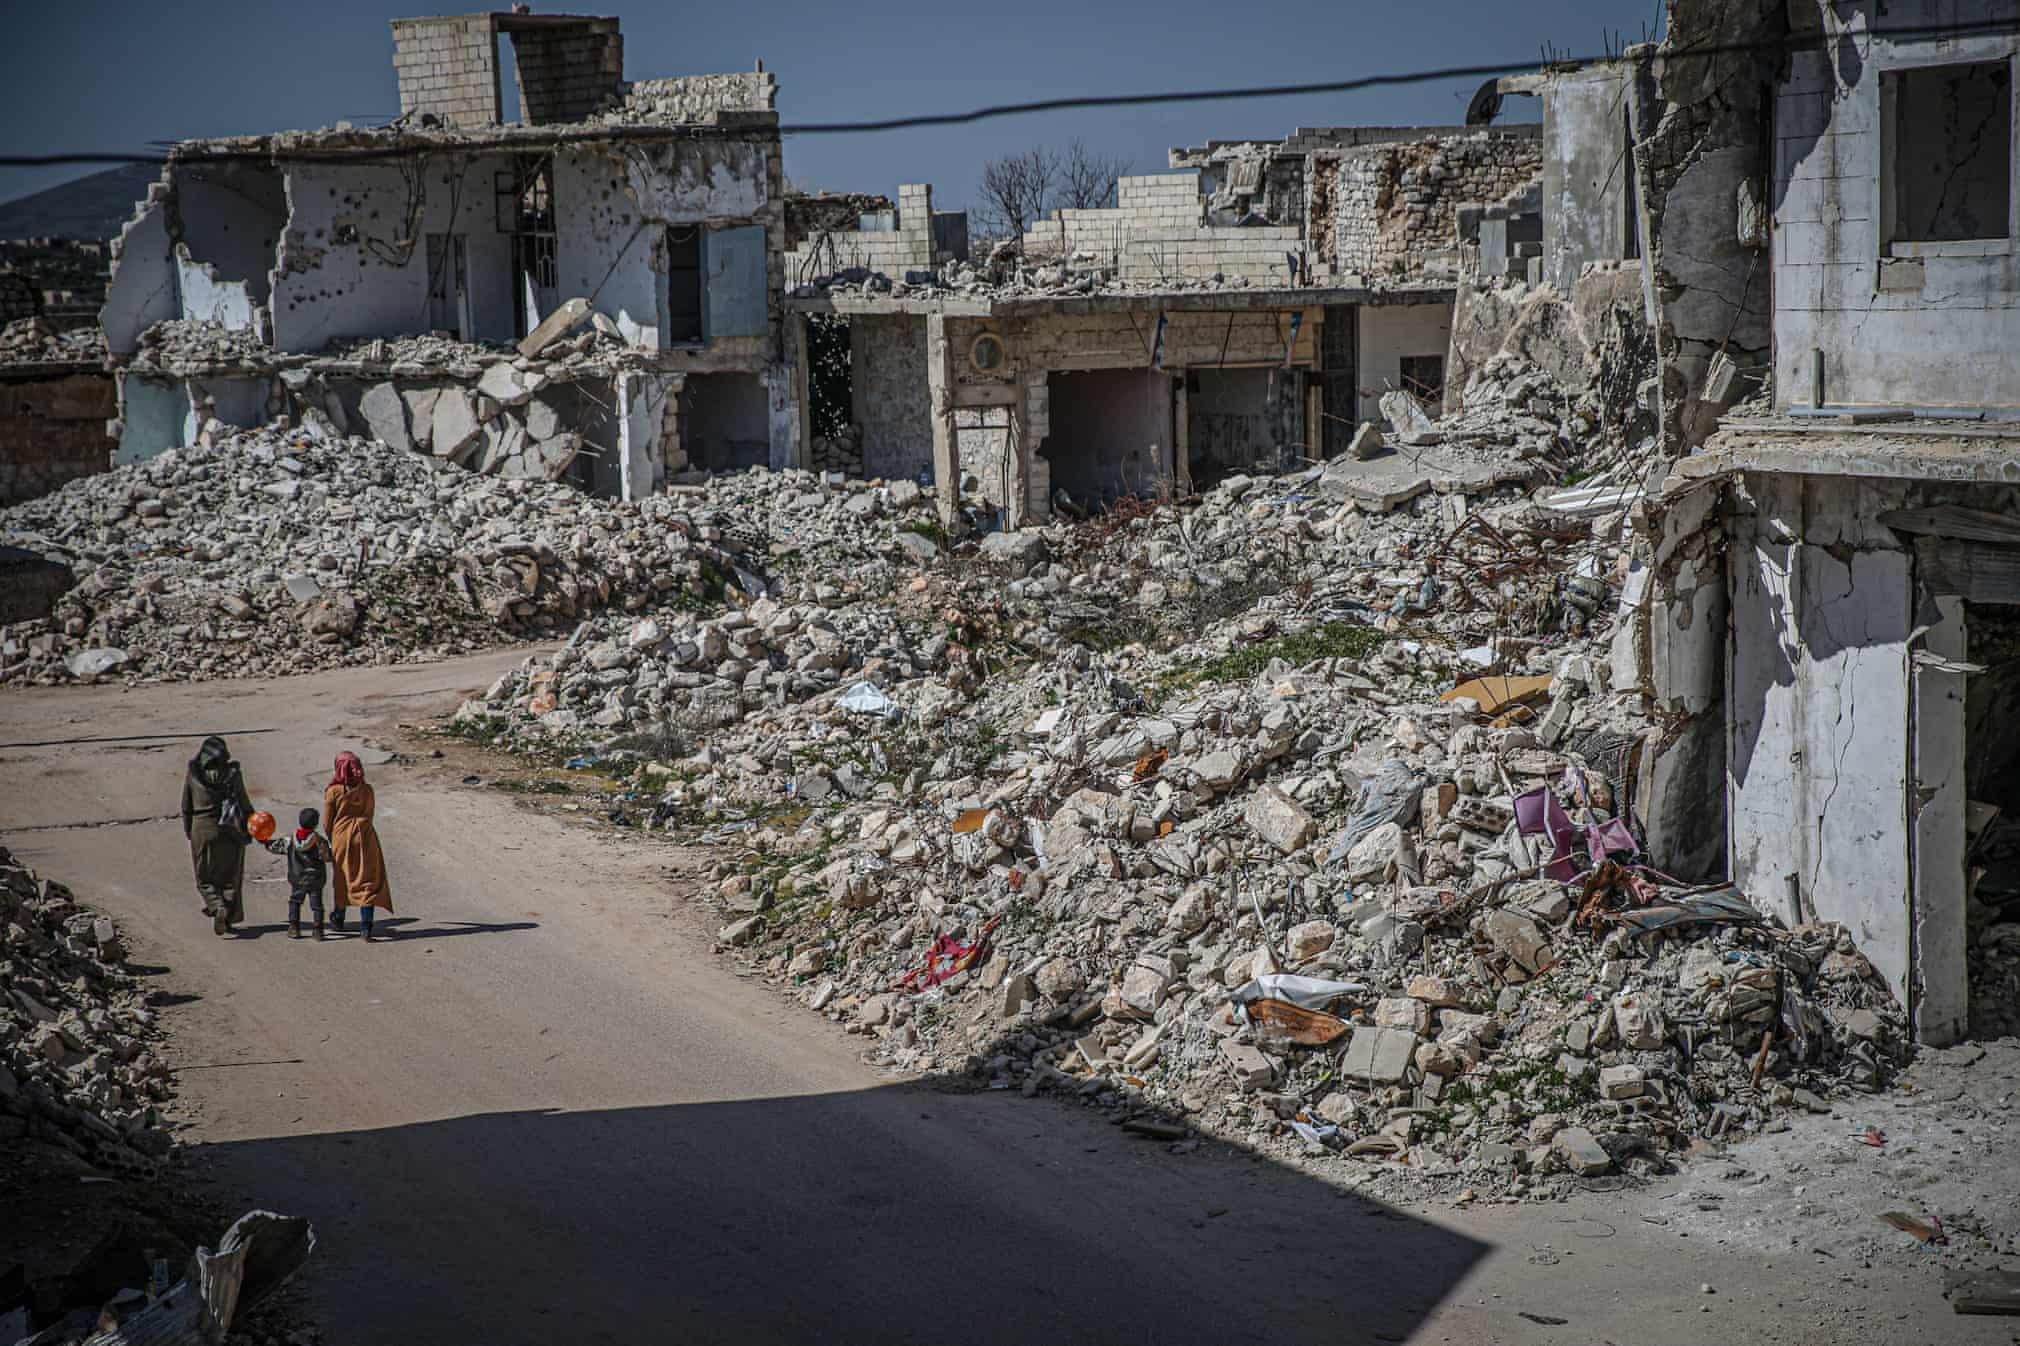 تصویری تاسف بار از لاشه کاشانه ها در سوریه